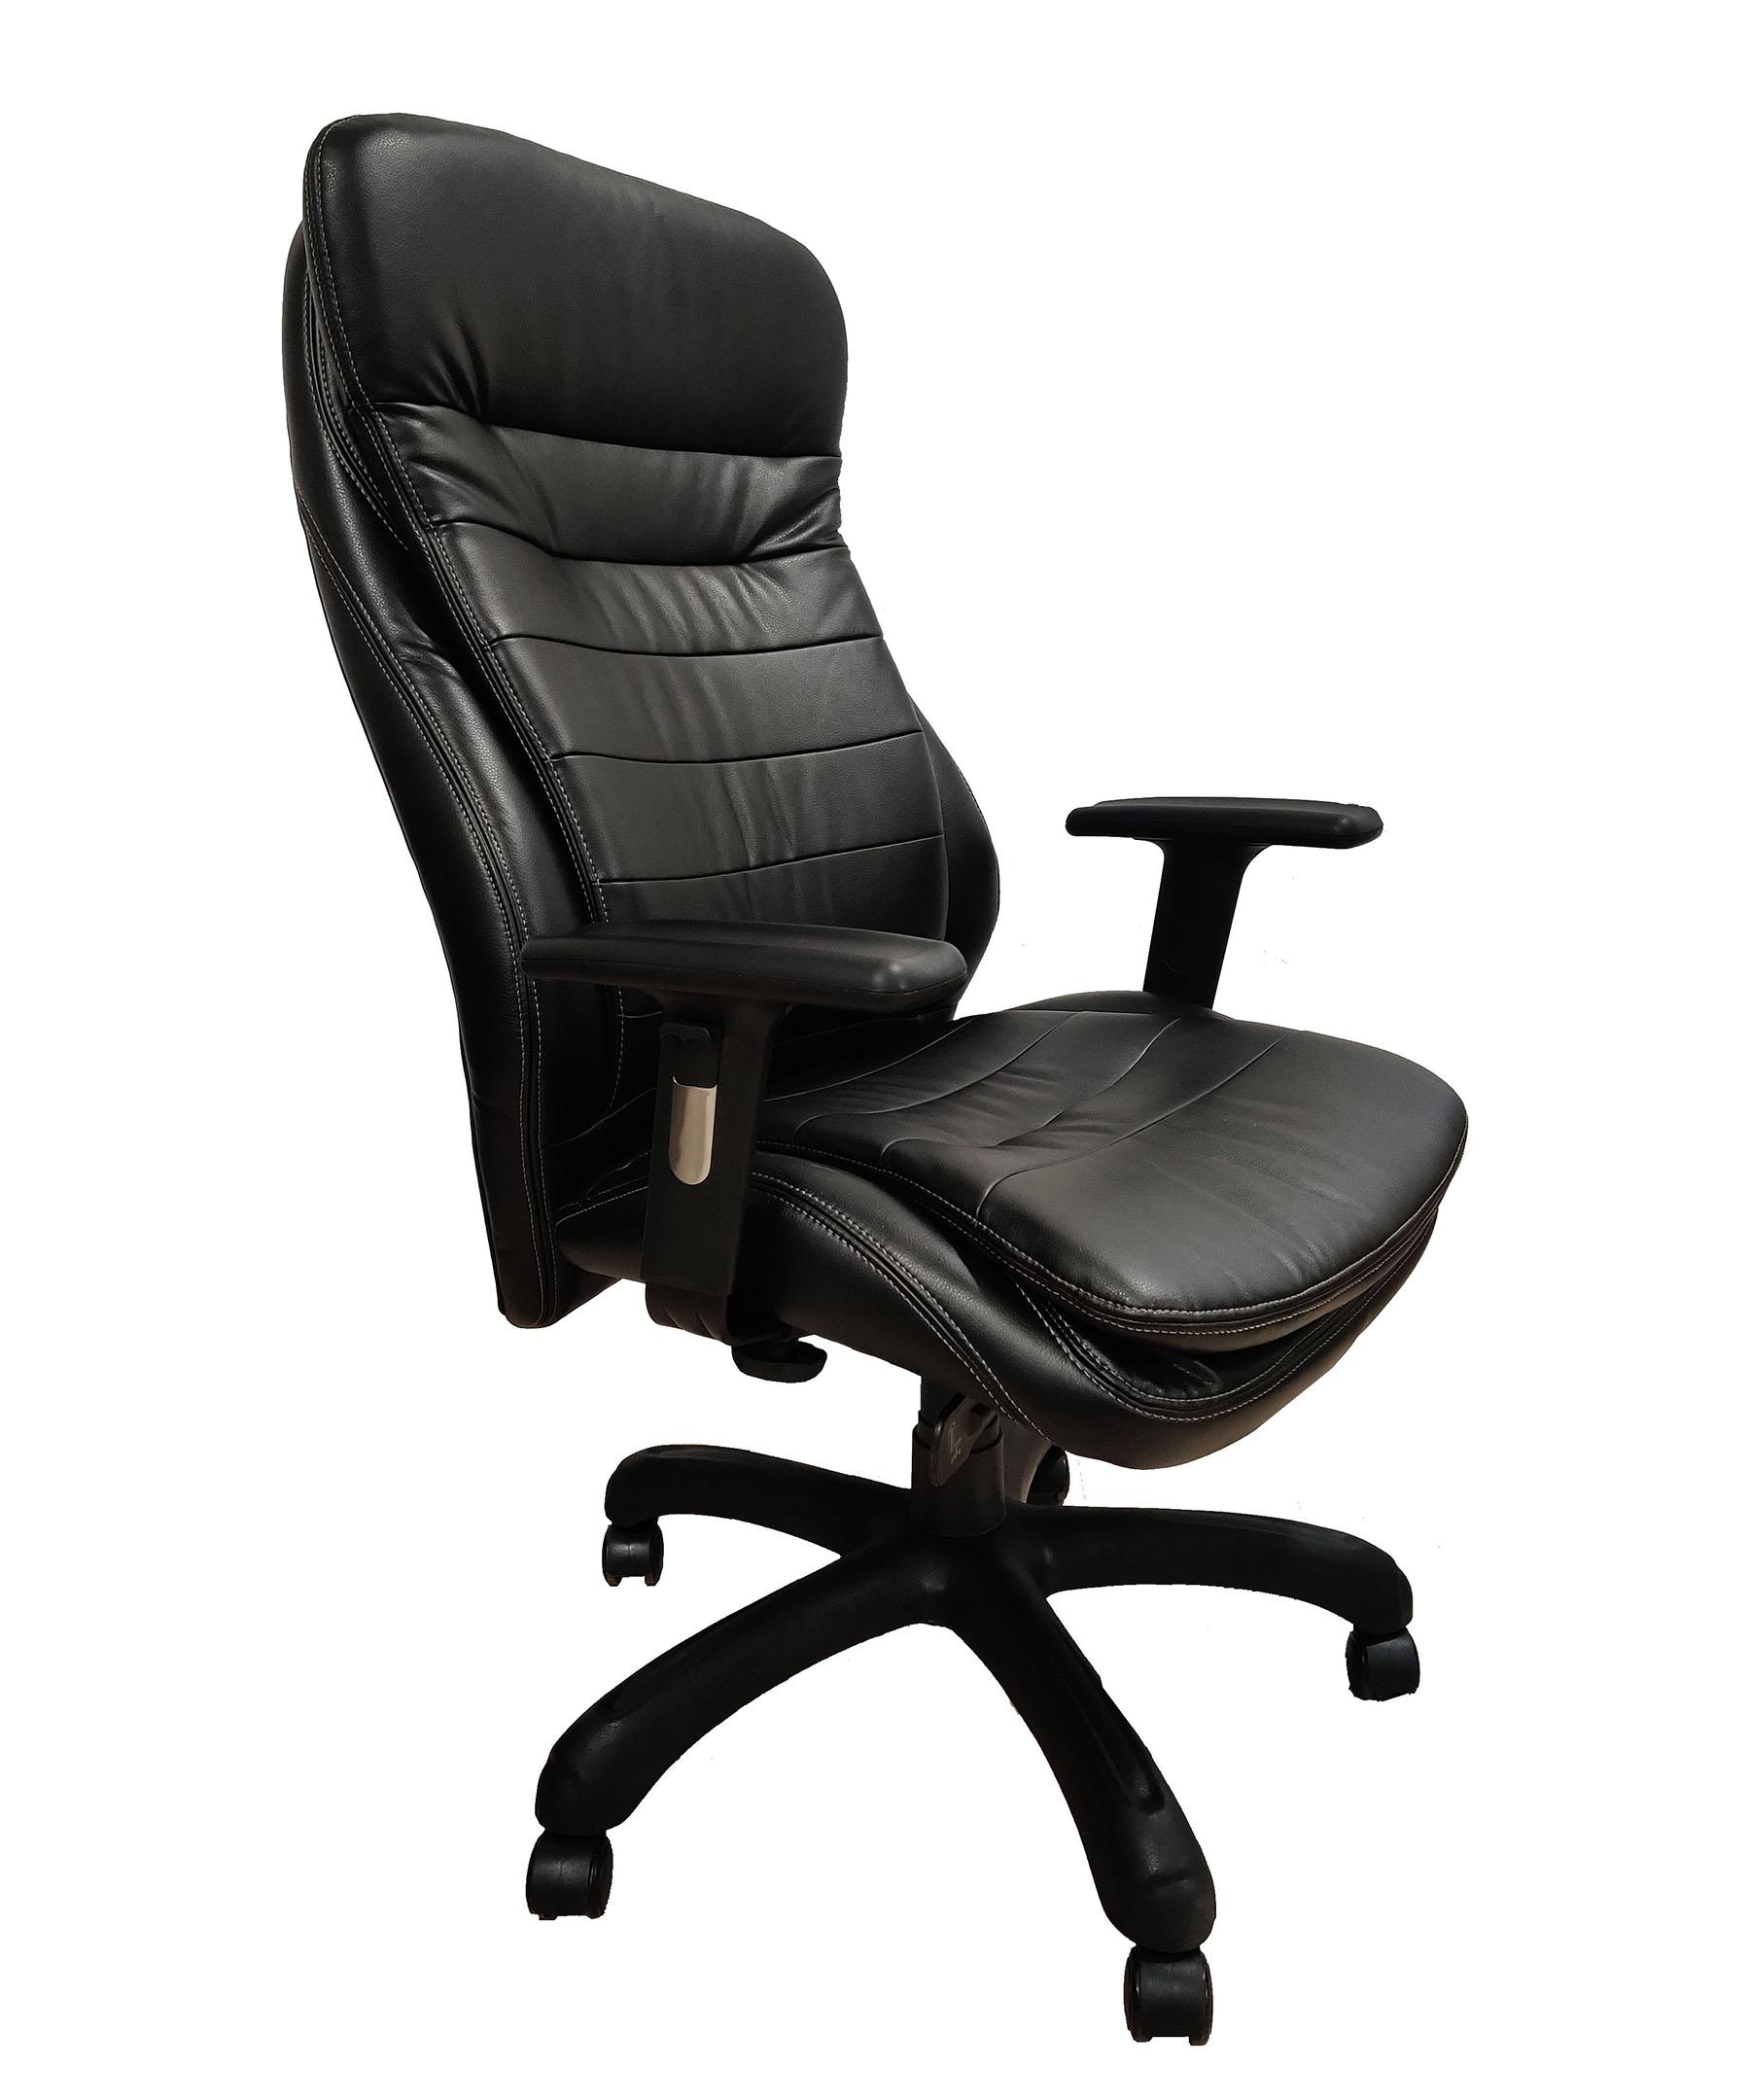 כסא מנהל דגם סתו